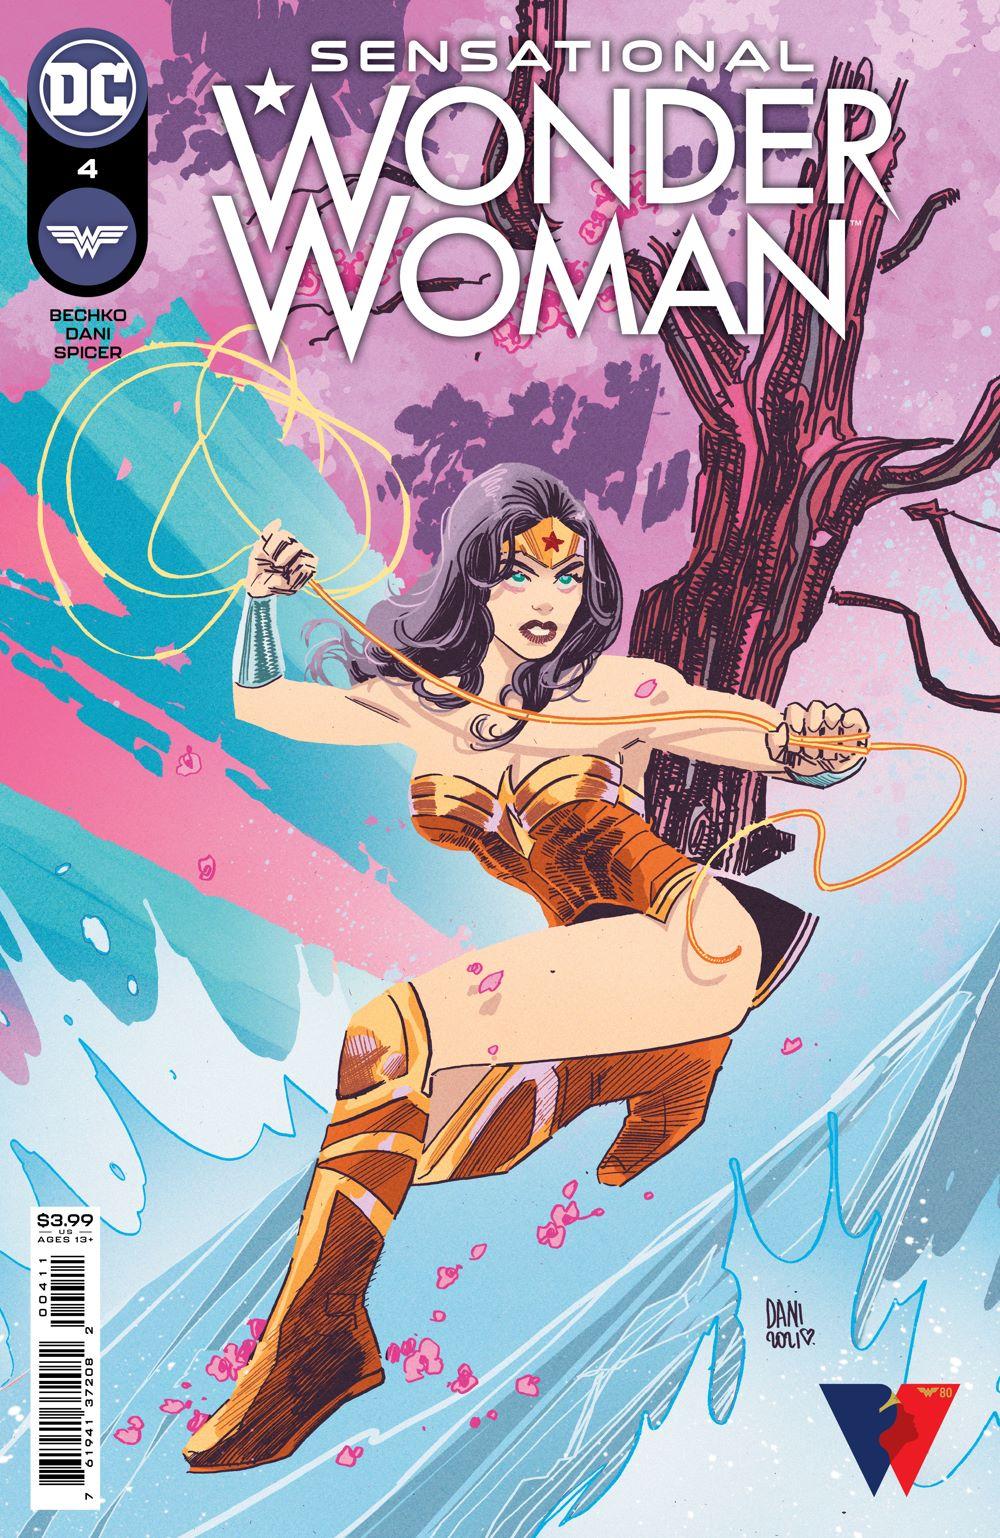 SWW_Cv4 DC Comics June 2021 Solicitations